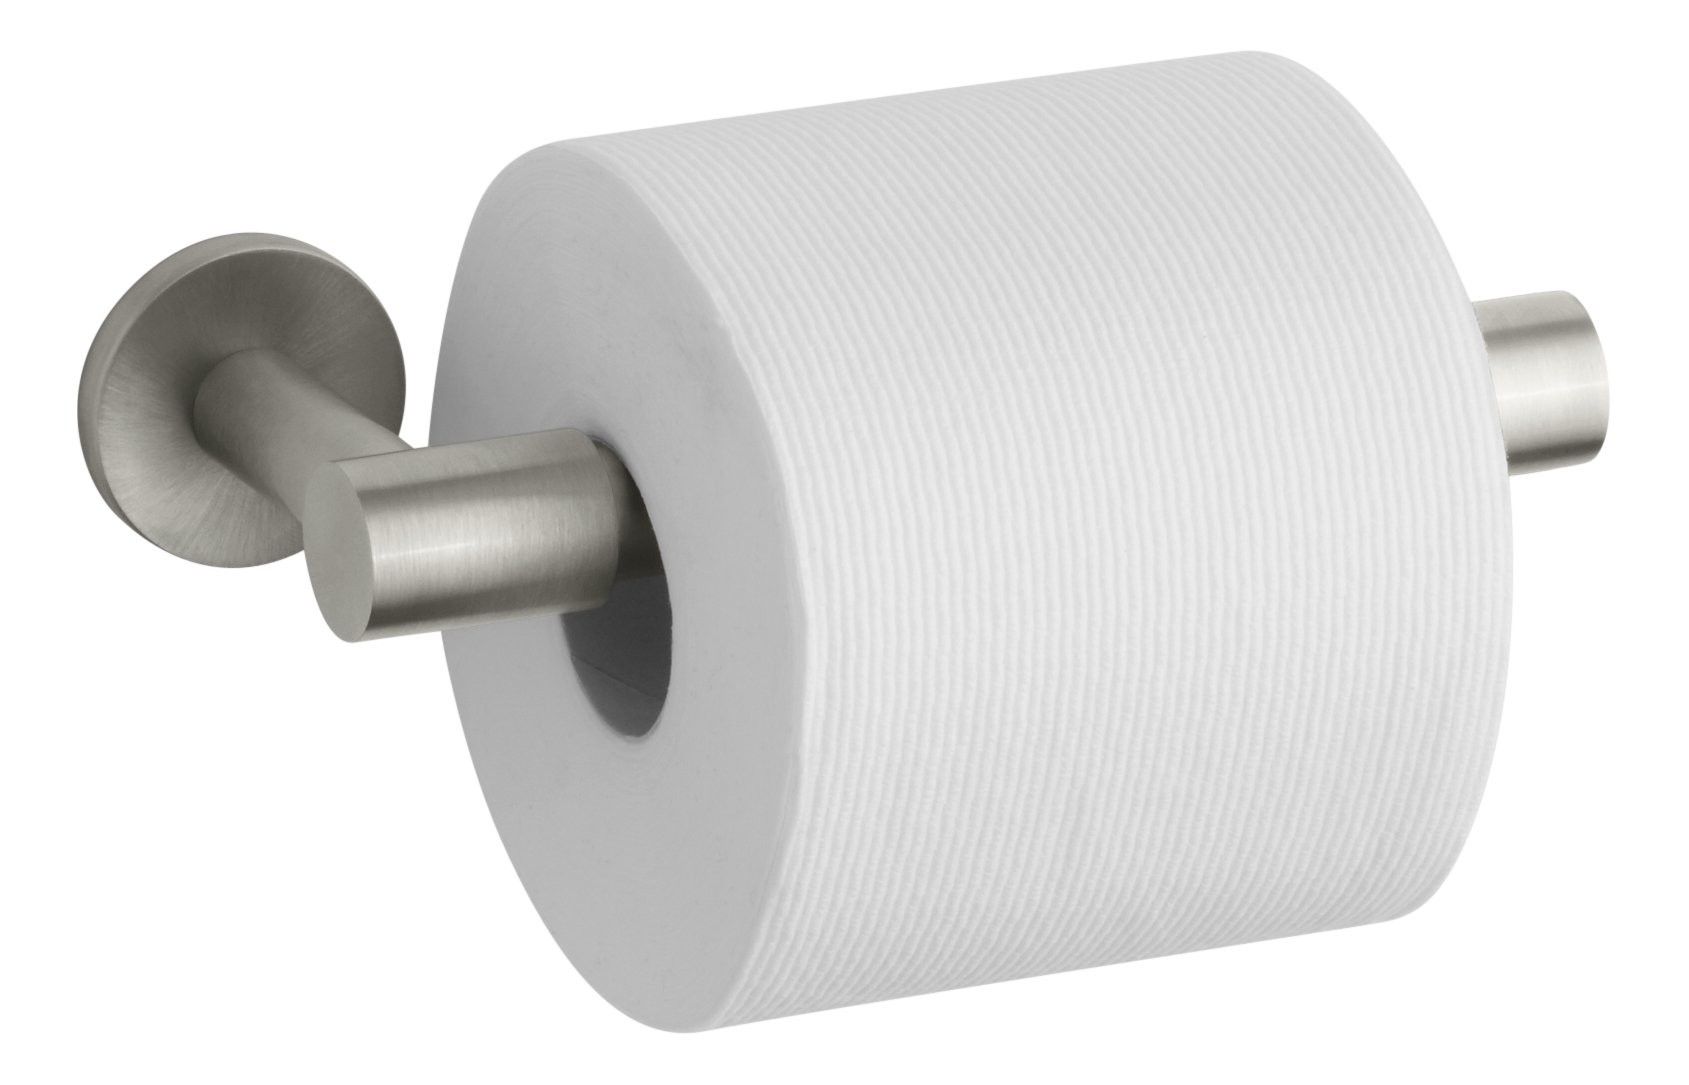 Kohler K-14393-BN Stillness Toilet Paper Holder, Vibrant Brushed Nickel